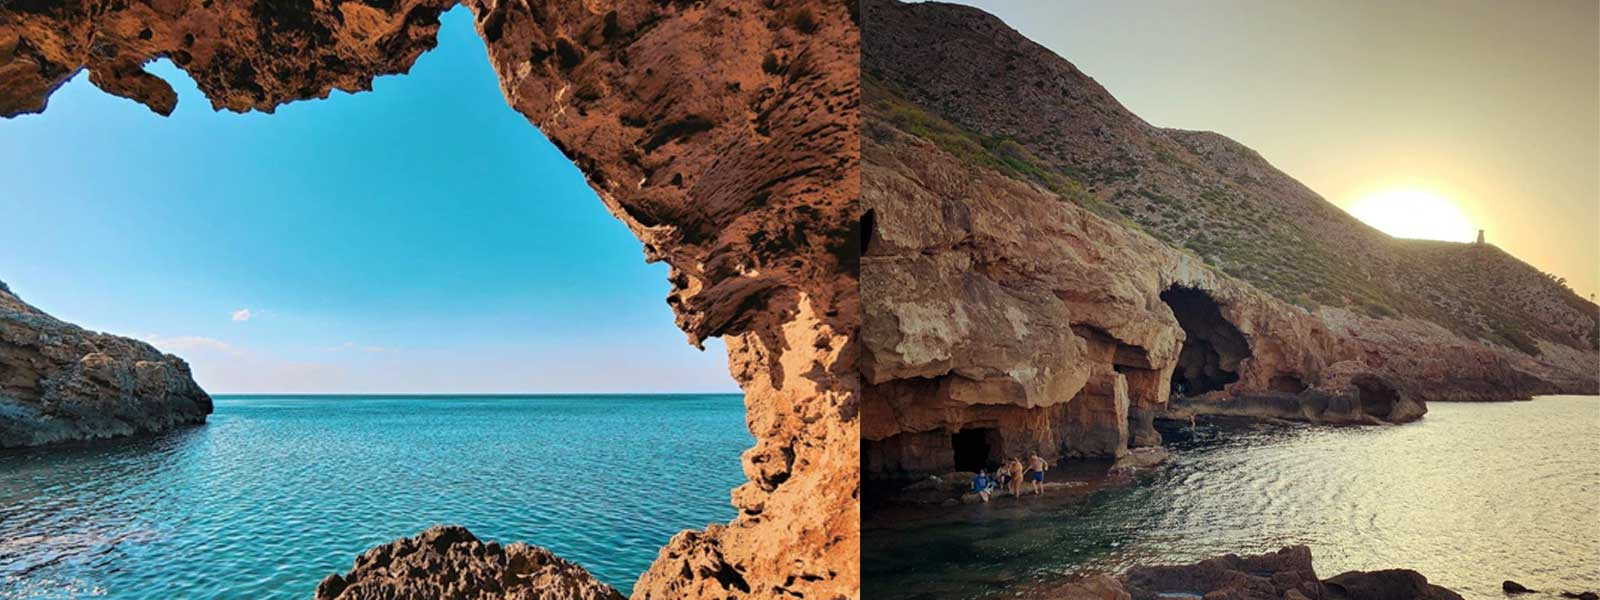 Utsikt over den utskårne hulen og san antonio-kappen